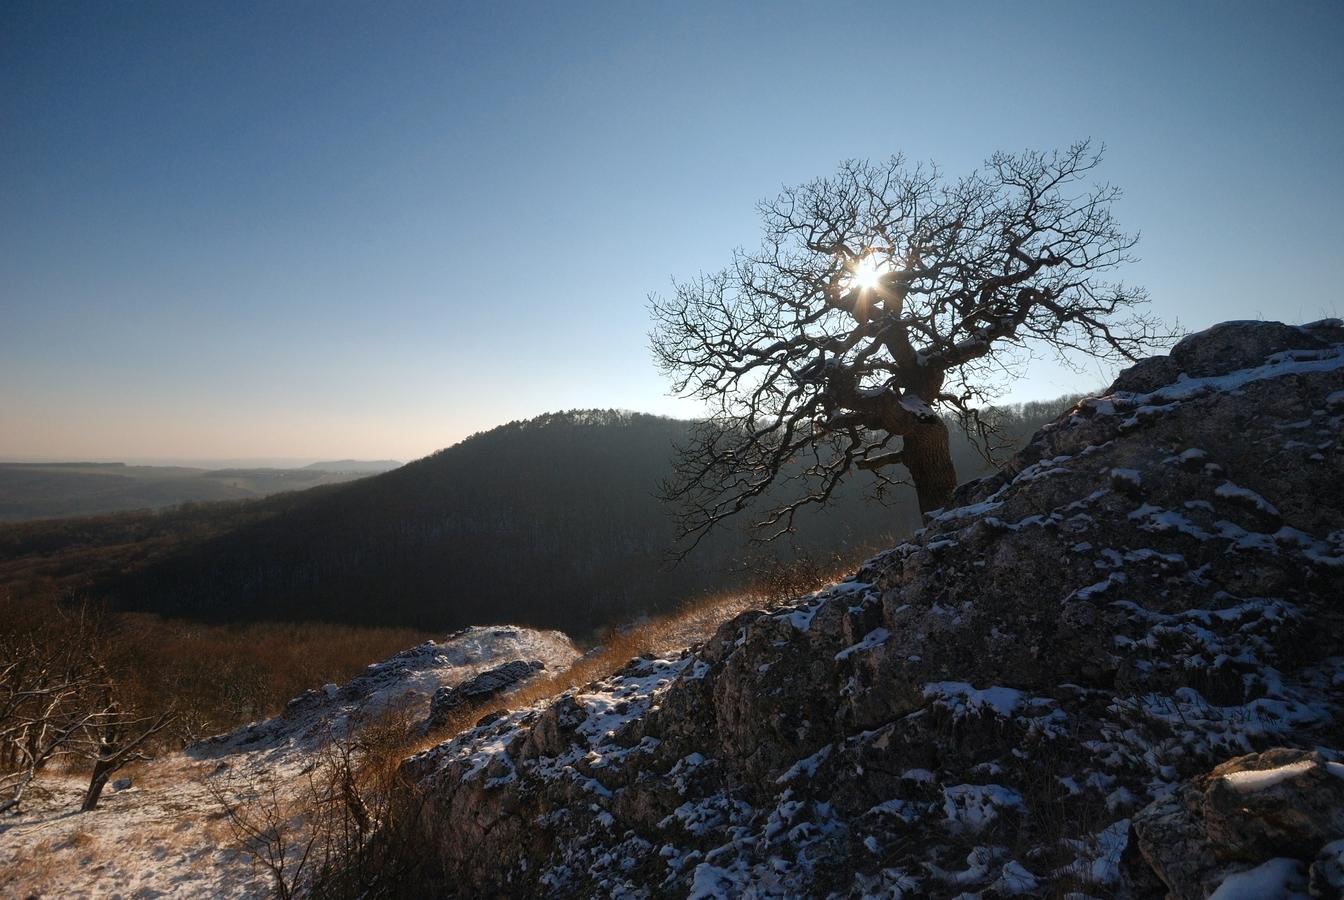 Pálavské stromy 9 - Král